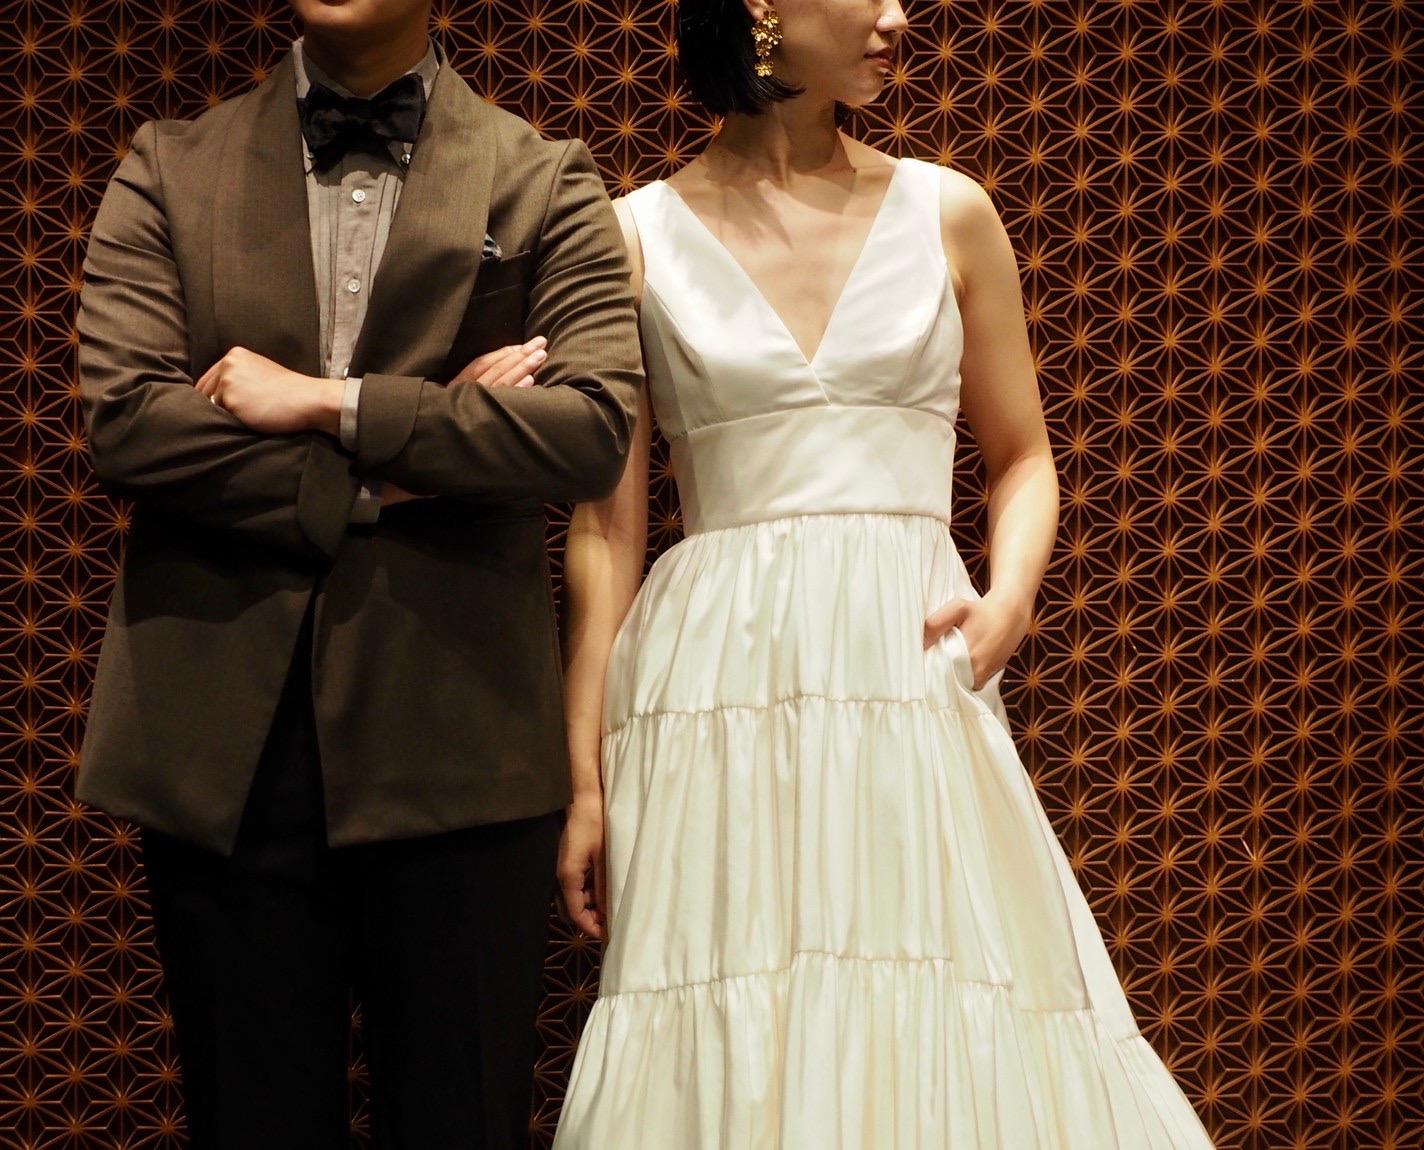 トリートドレッシング神戸店にてお取り扱いのあるアムサーラのドレスのご紹介